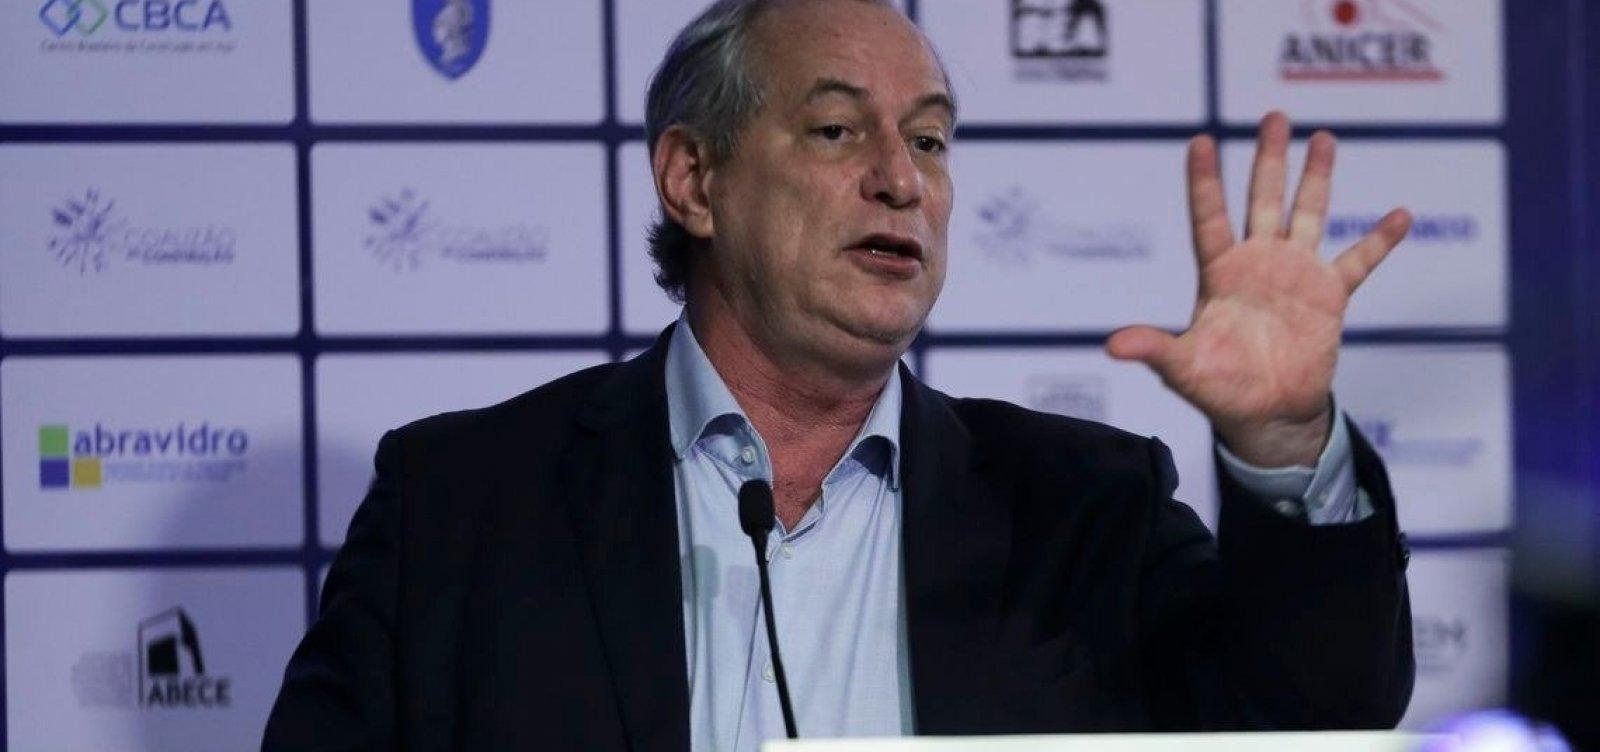 [Sem citar Haddad, Ciro publica vídeo 'em defesa da democracia']